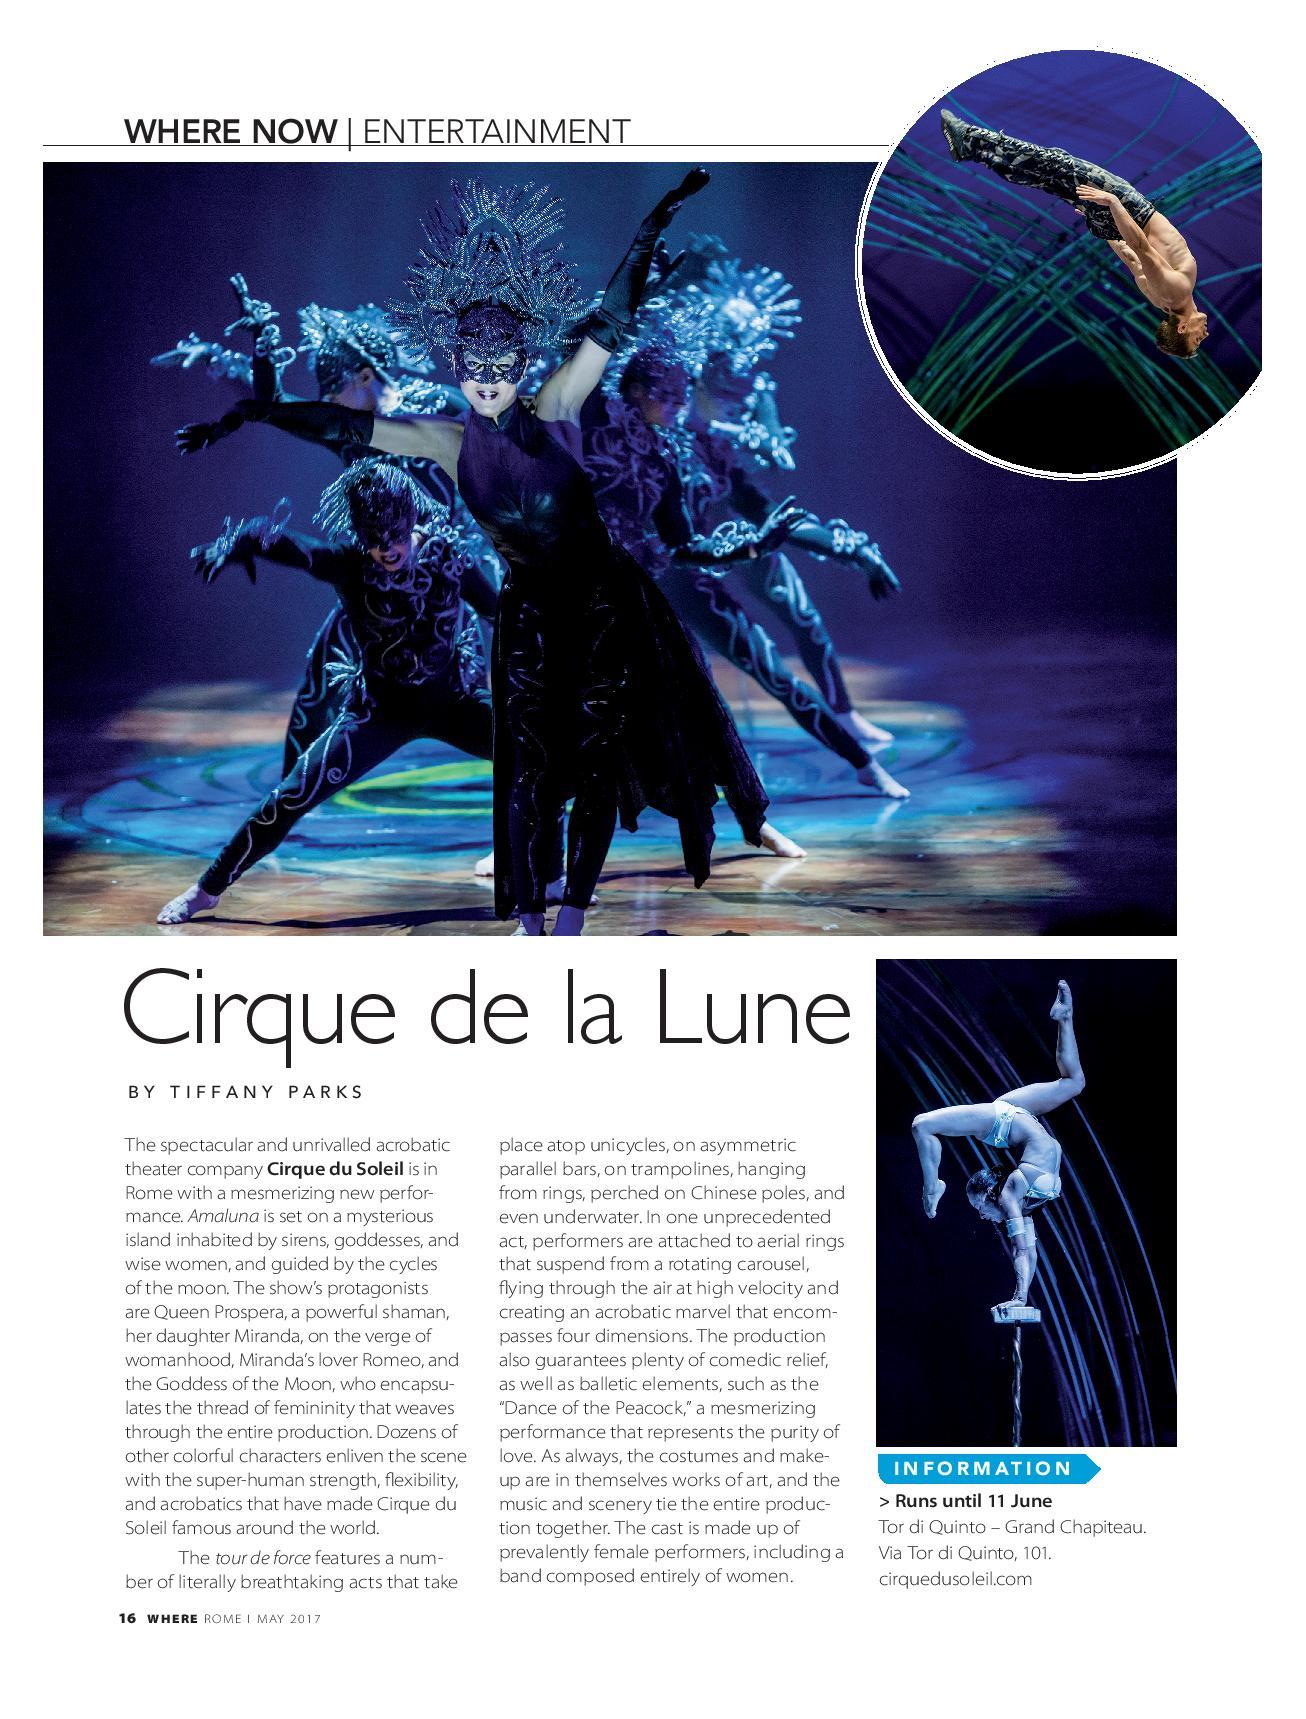 Cirque-de-la-Lune-Where-Rome-May-2017.jpg